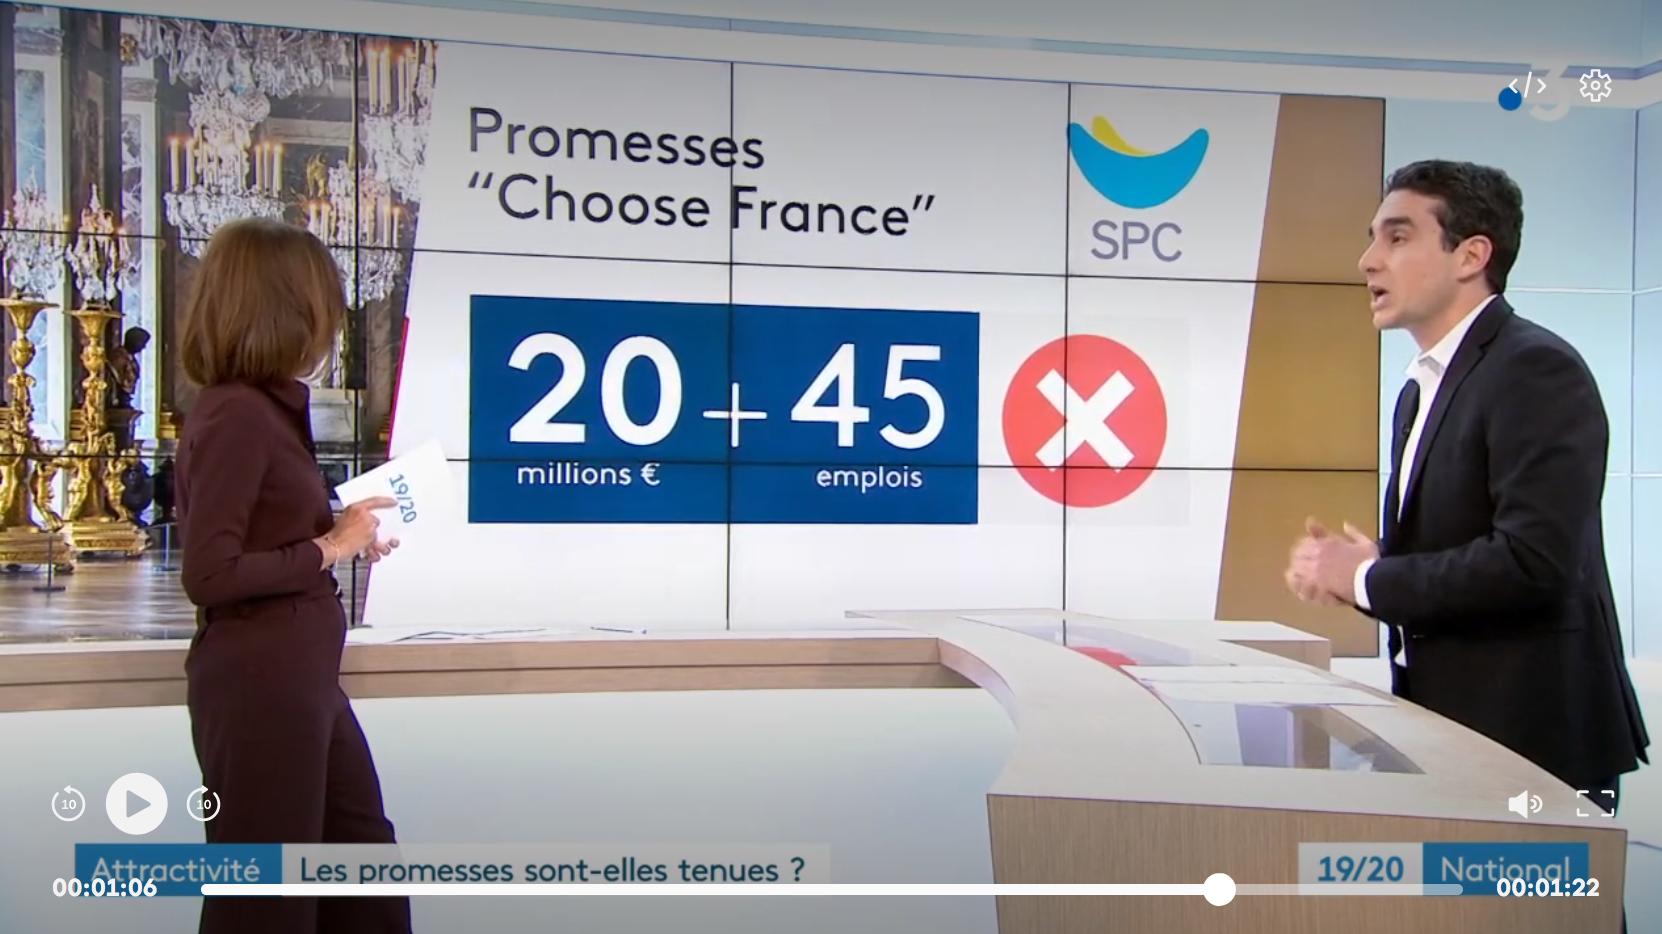 """""""Choose France"""" à Versailles : les promesses d'investissement sont-elles tenues ?"""